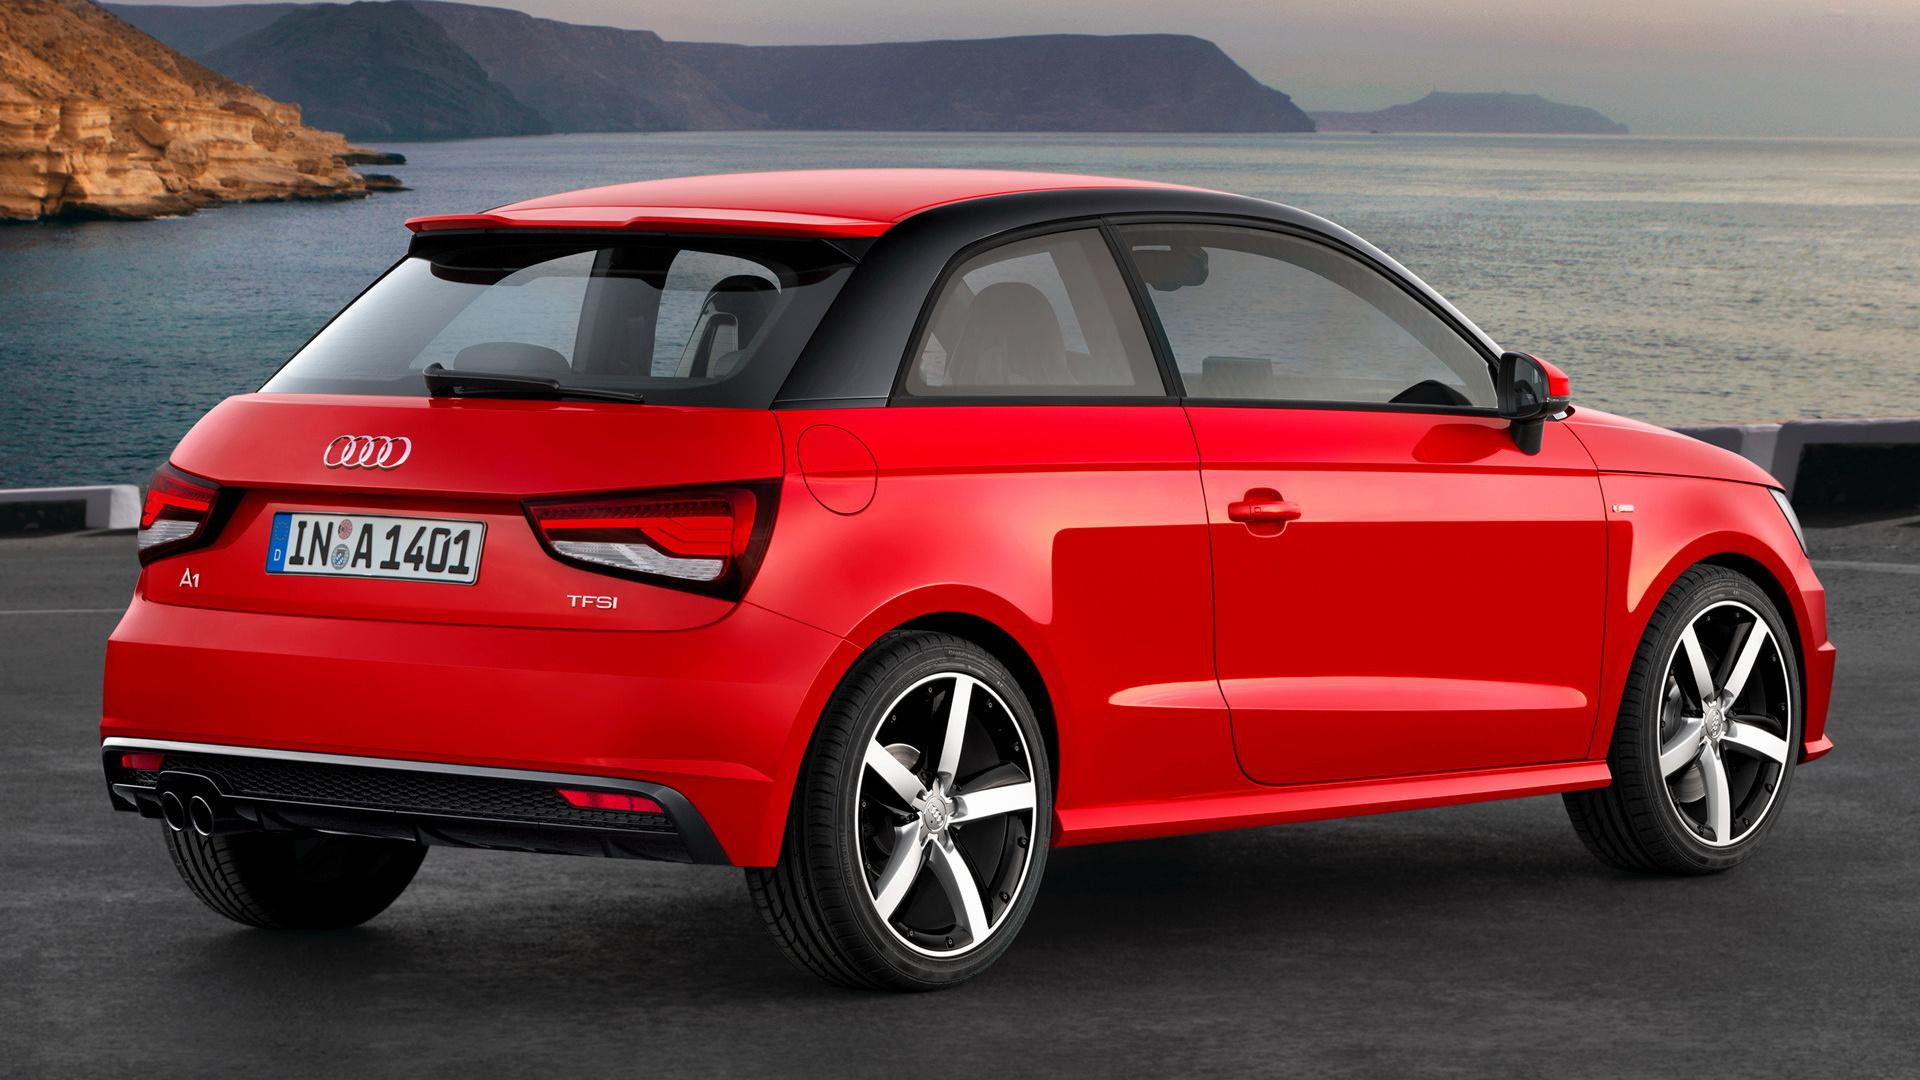 2014 Audi A1 S Line